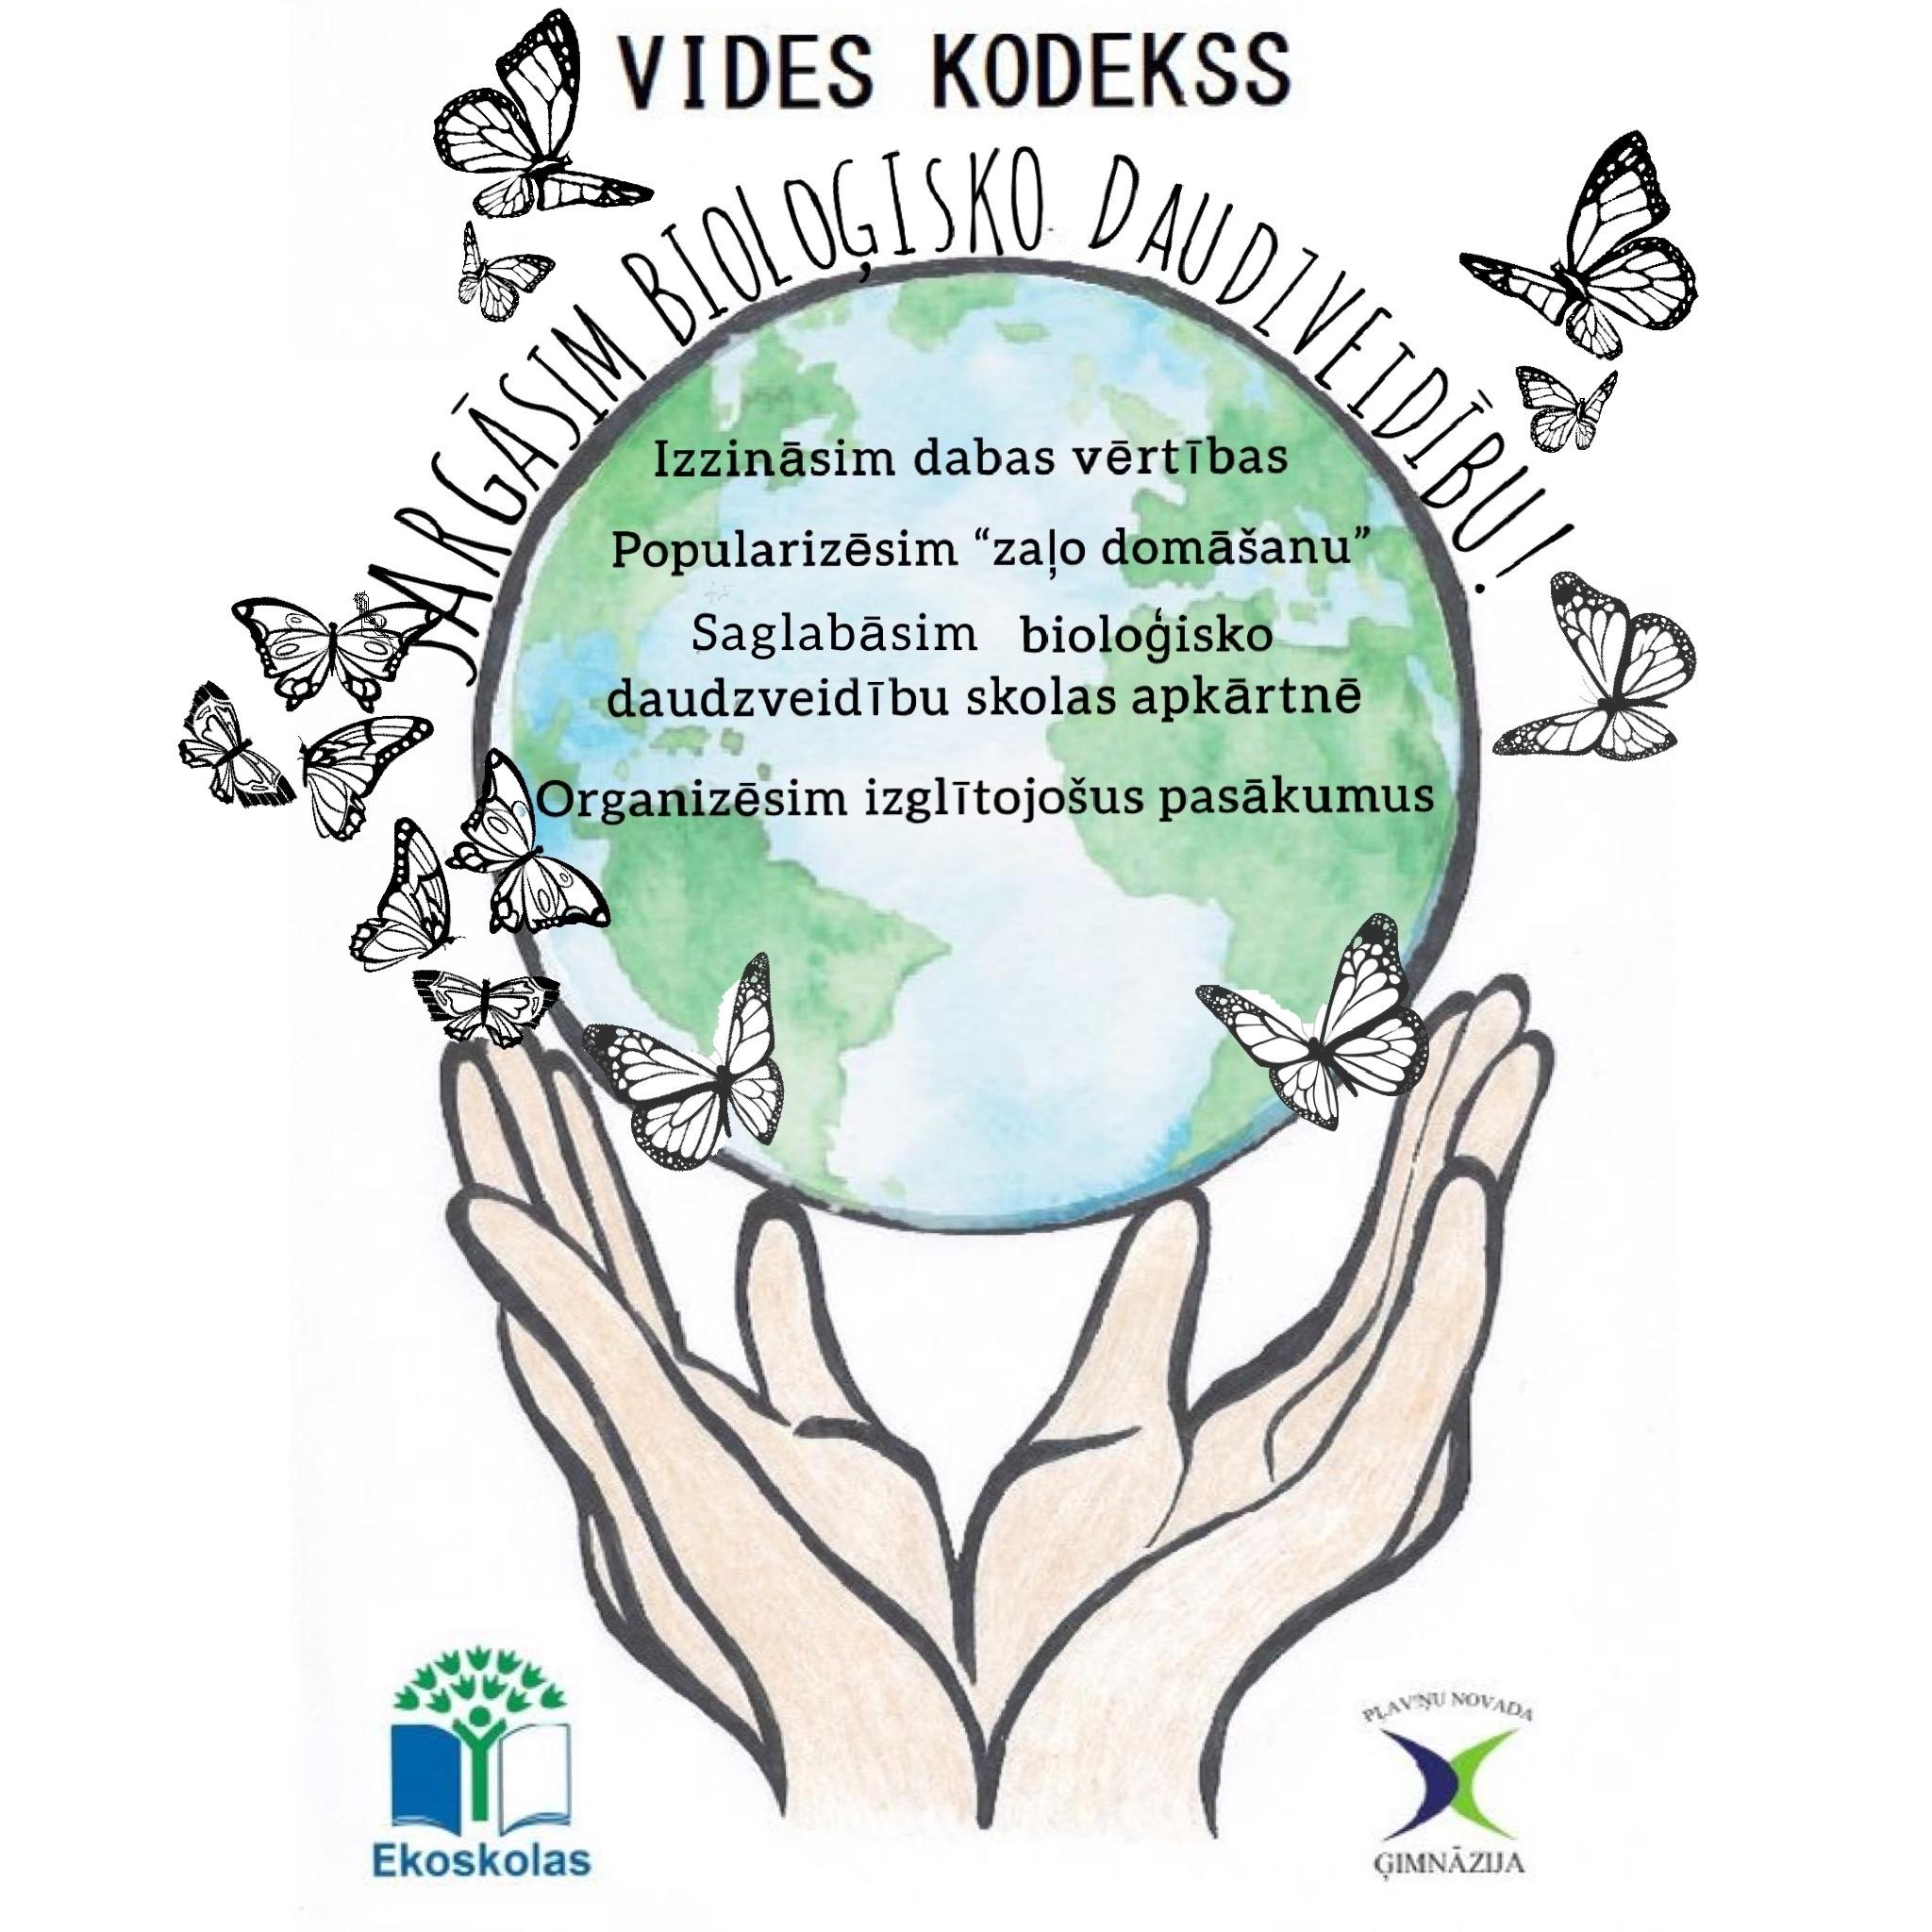 vides_kodekss2021